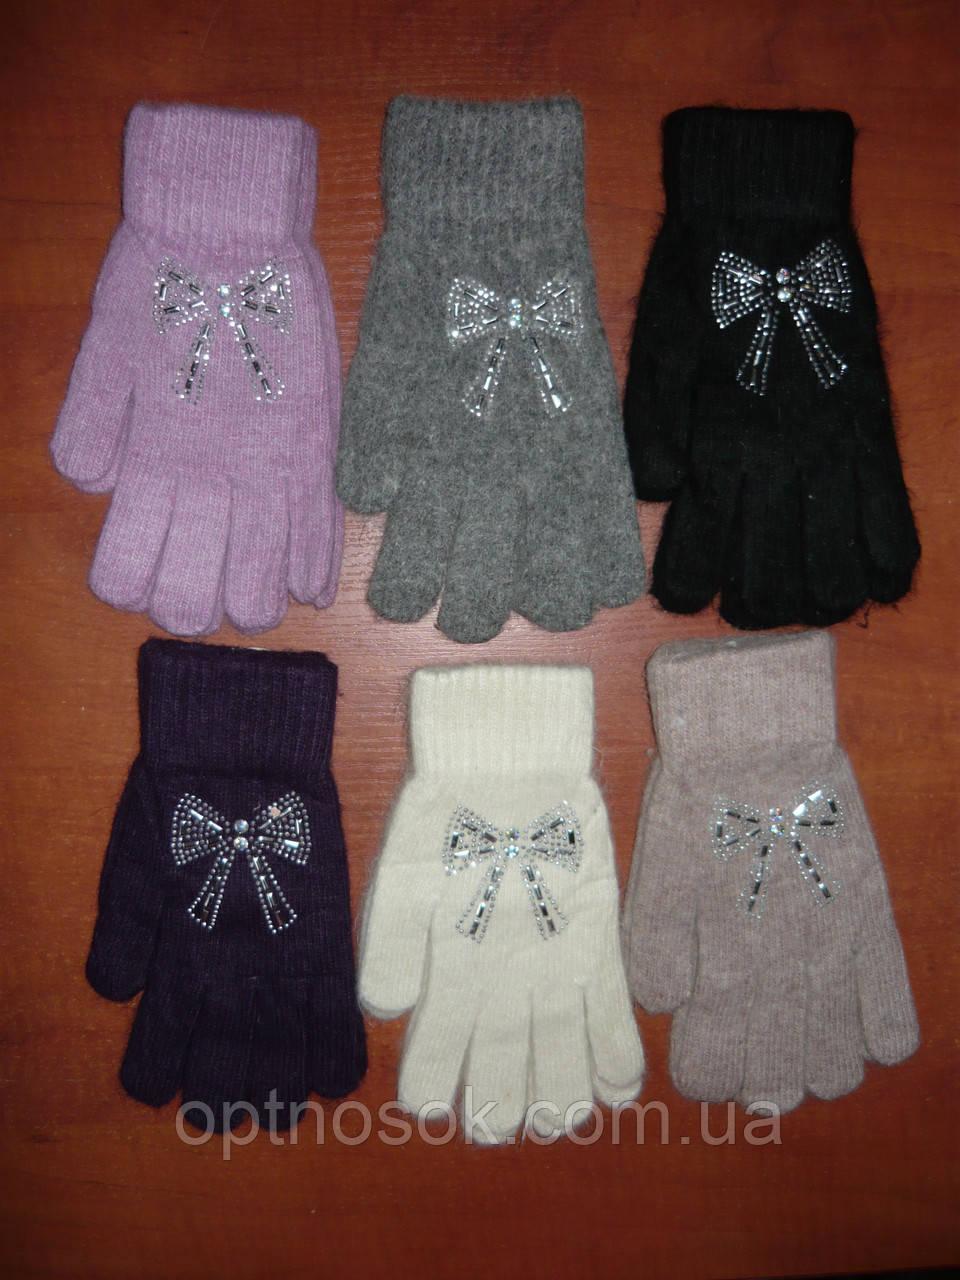 Ангора. Жіночі рукавички Корона. Бамбук